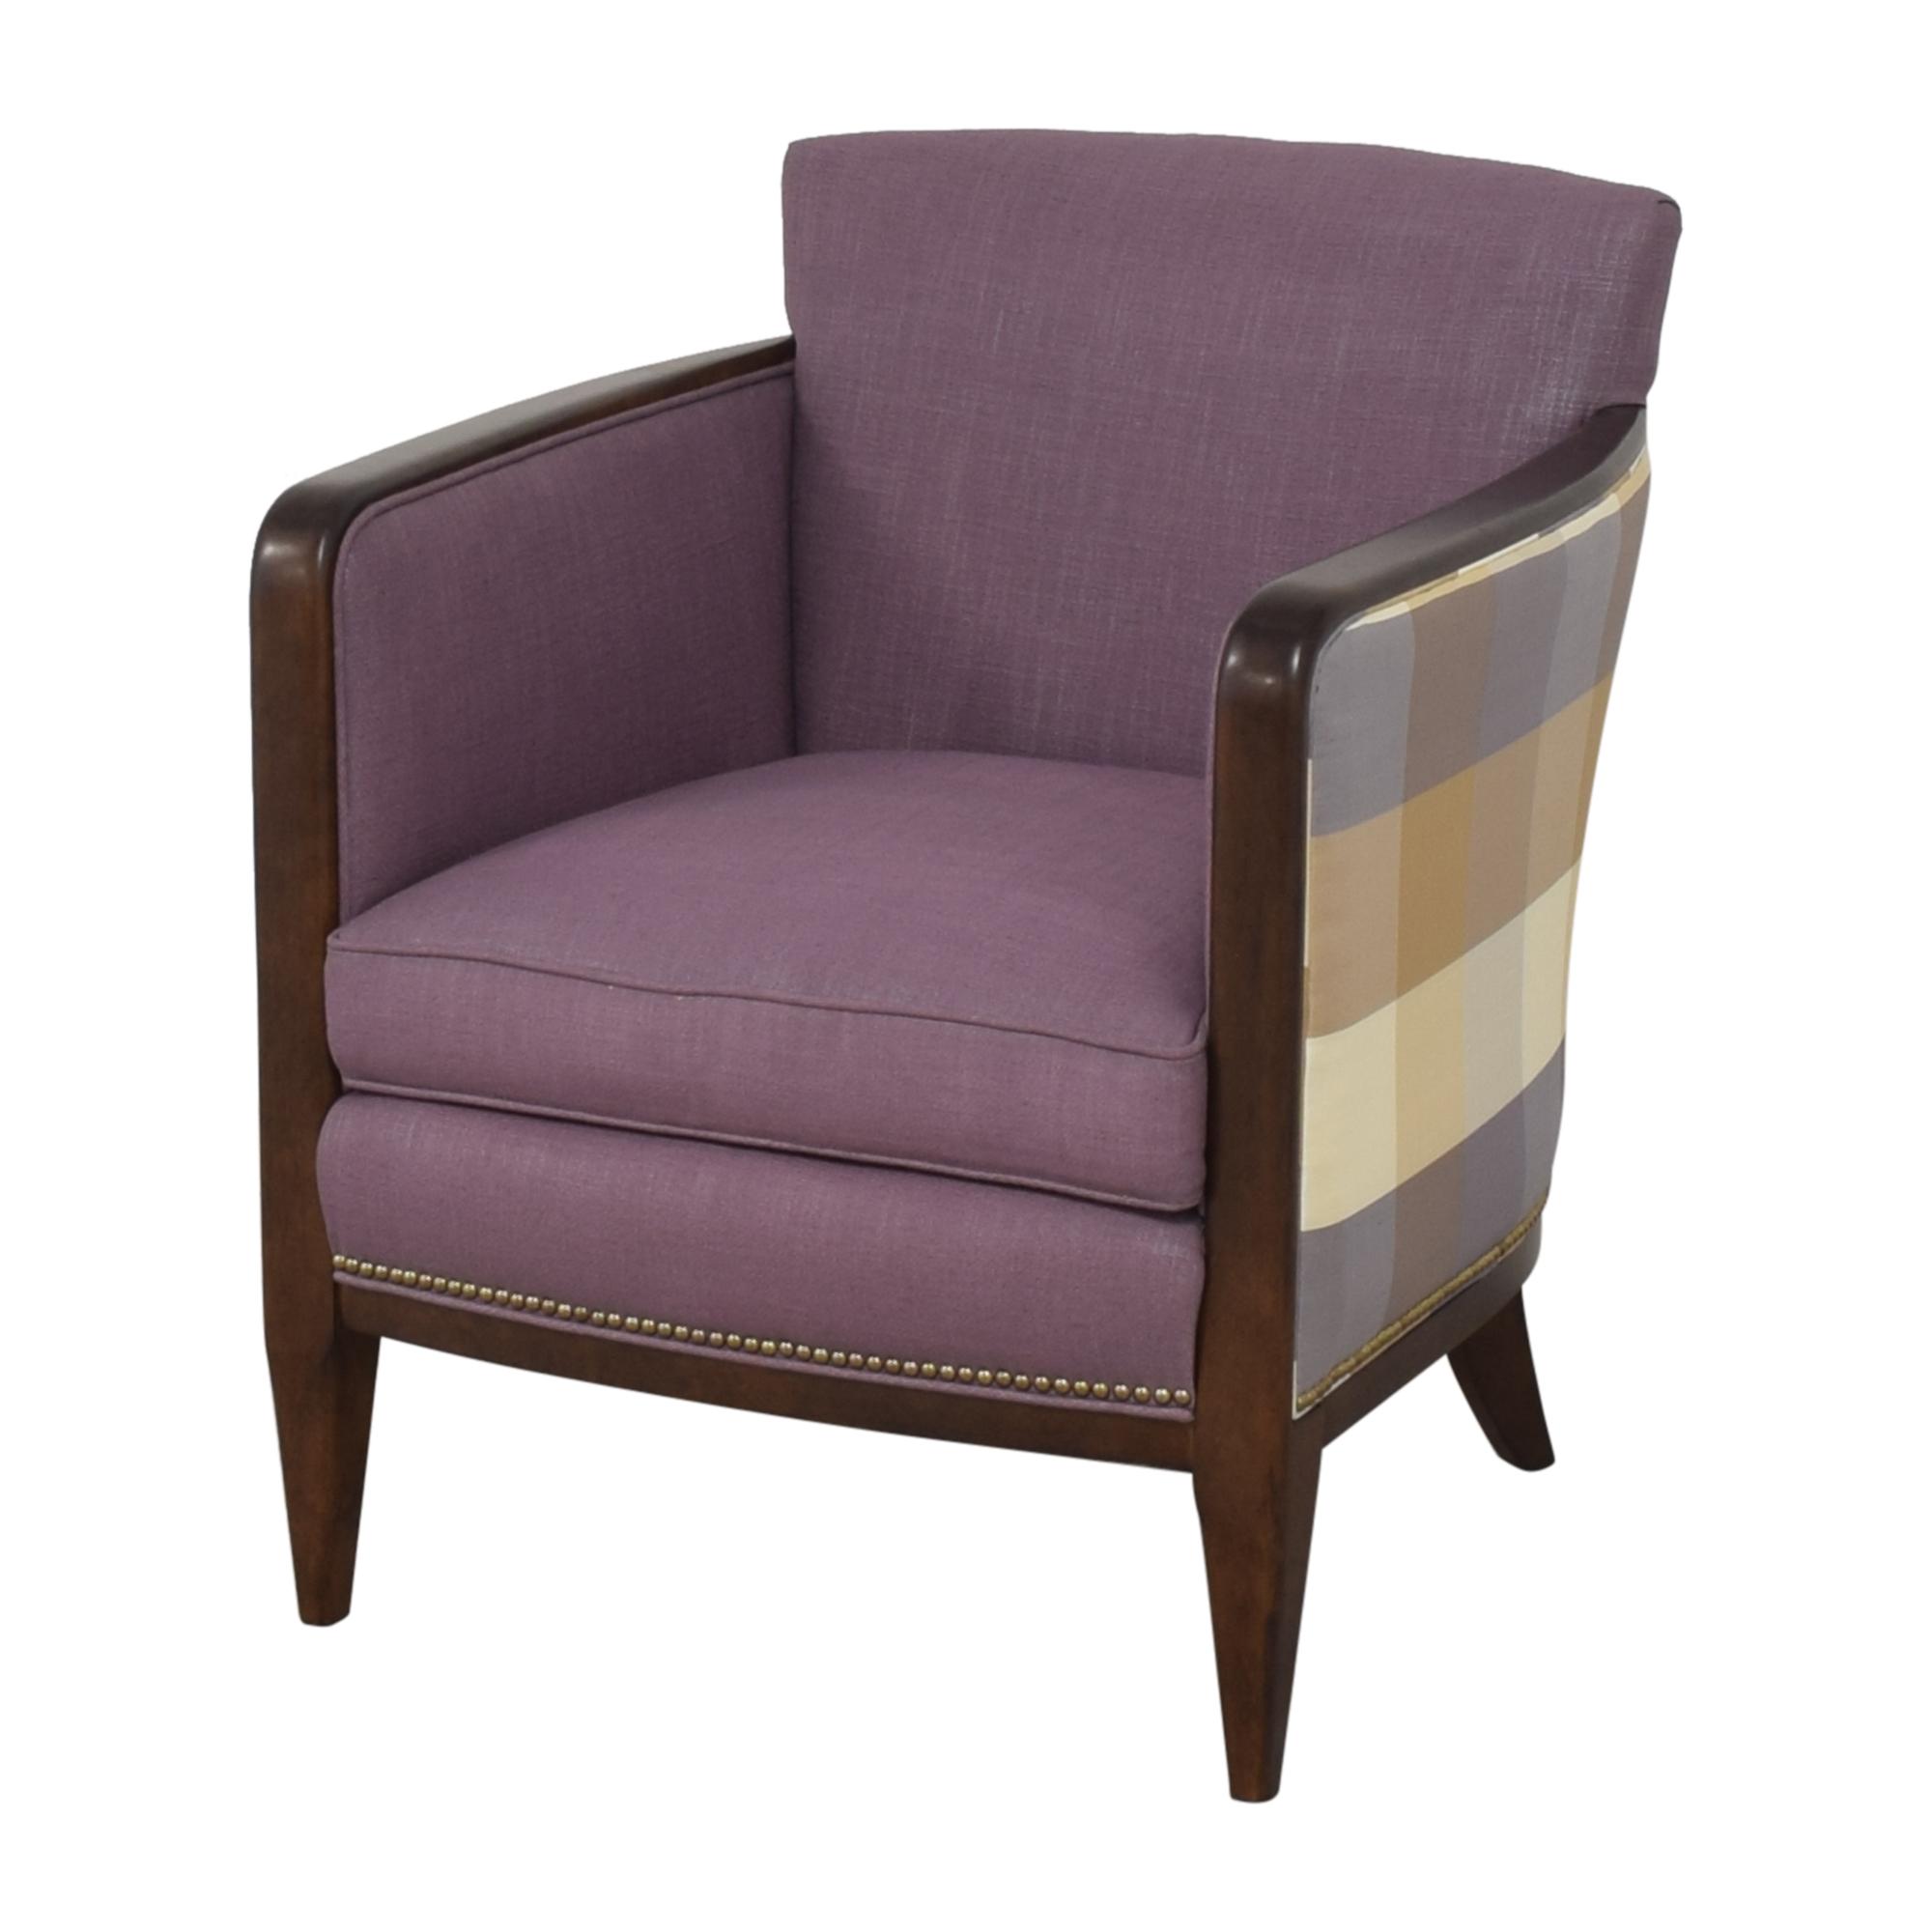 Kravet Kravet Plaid Back Accent Chair nyc